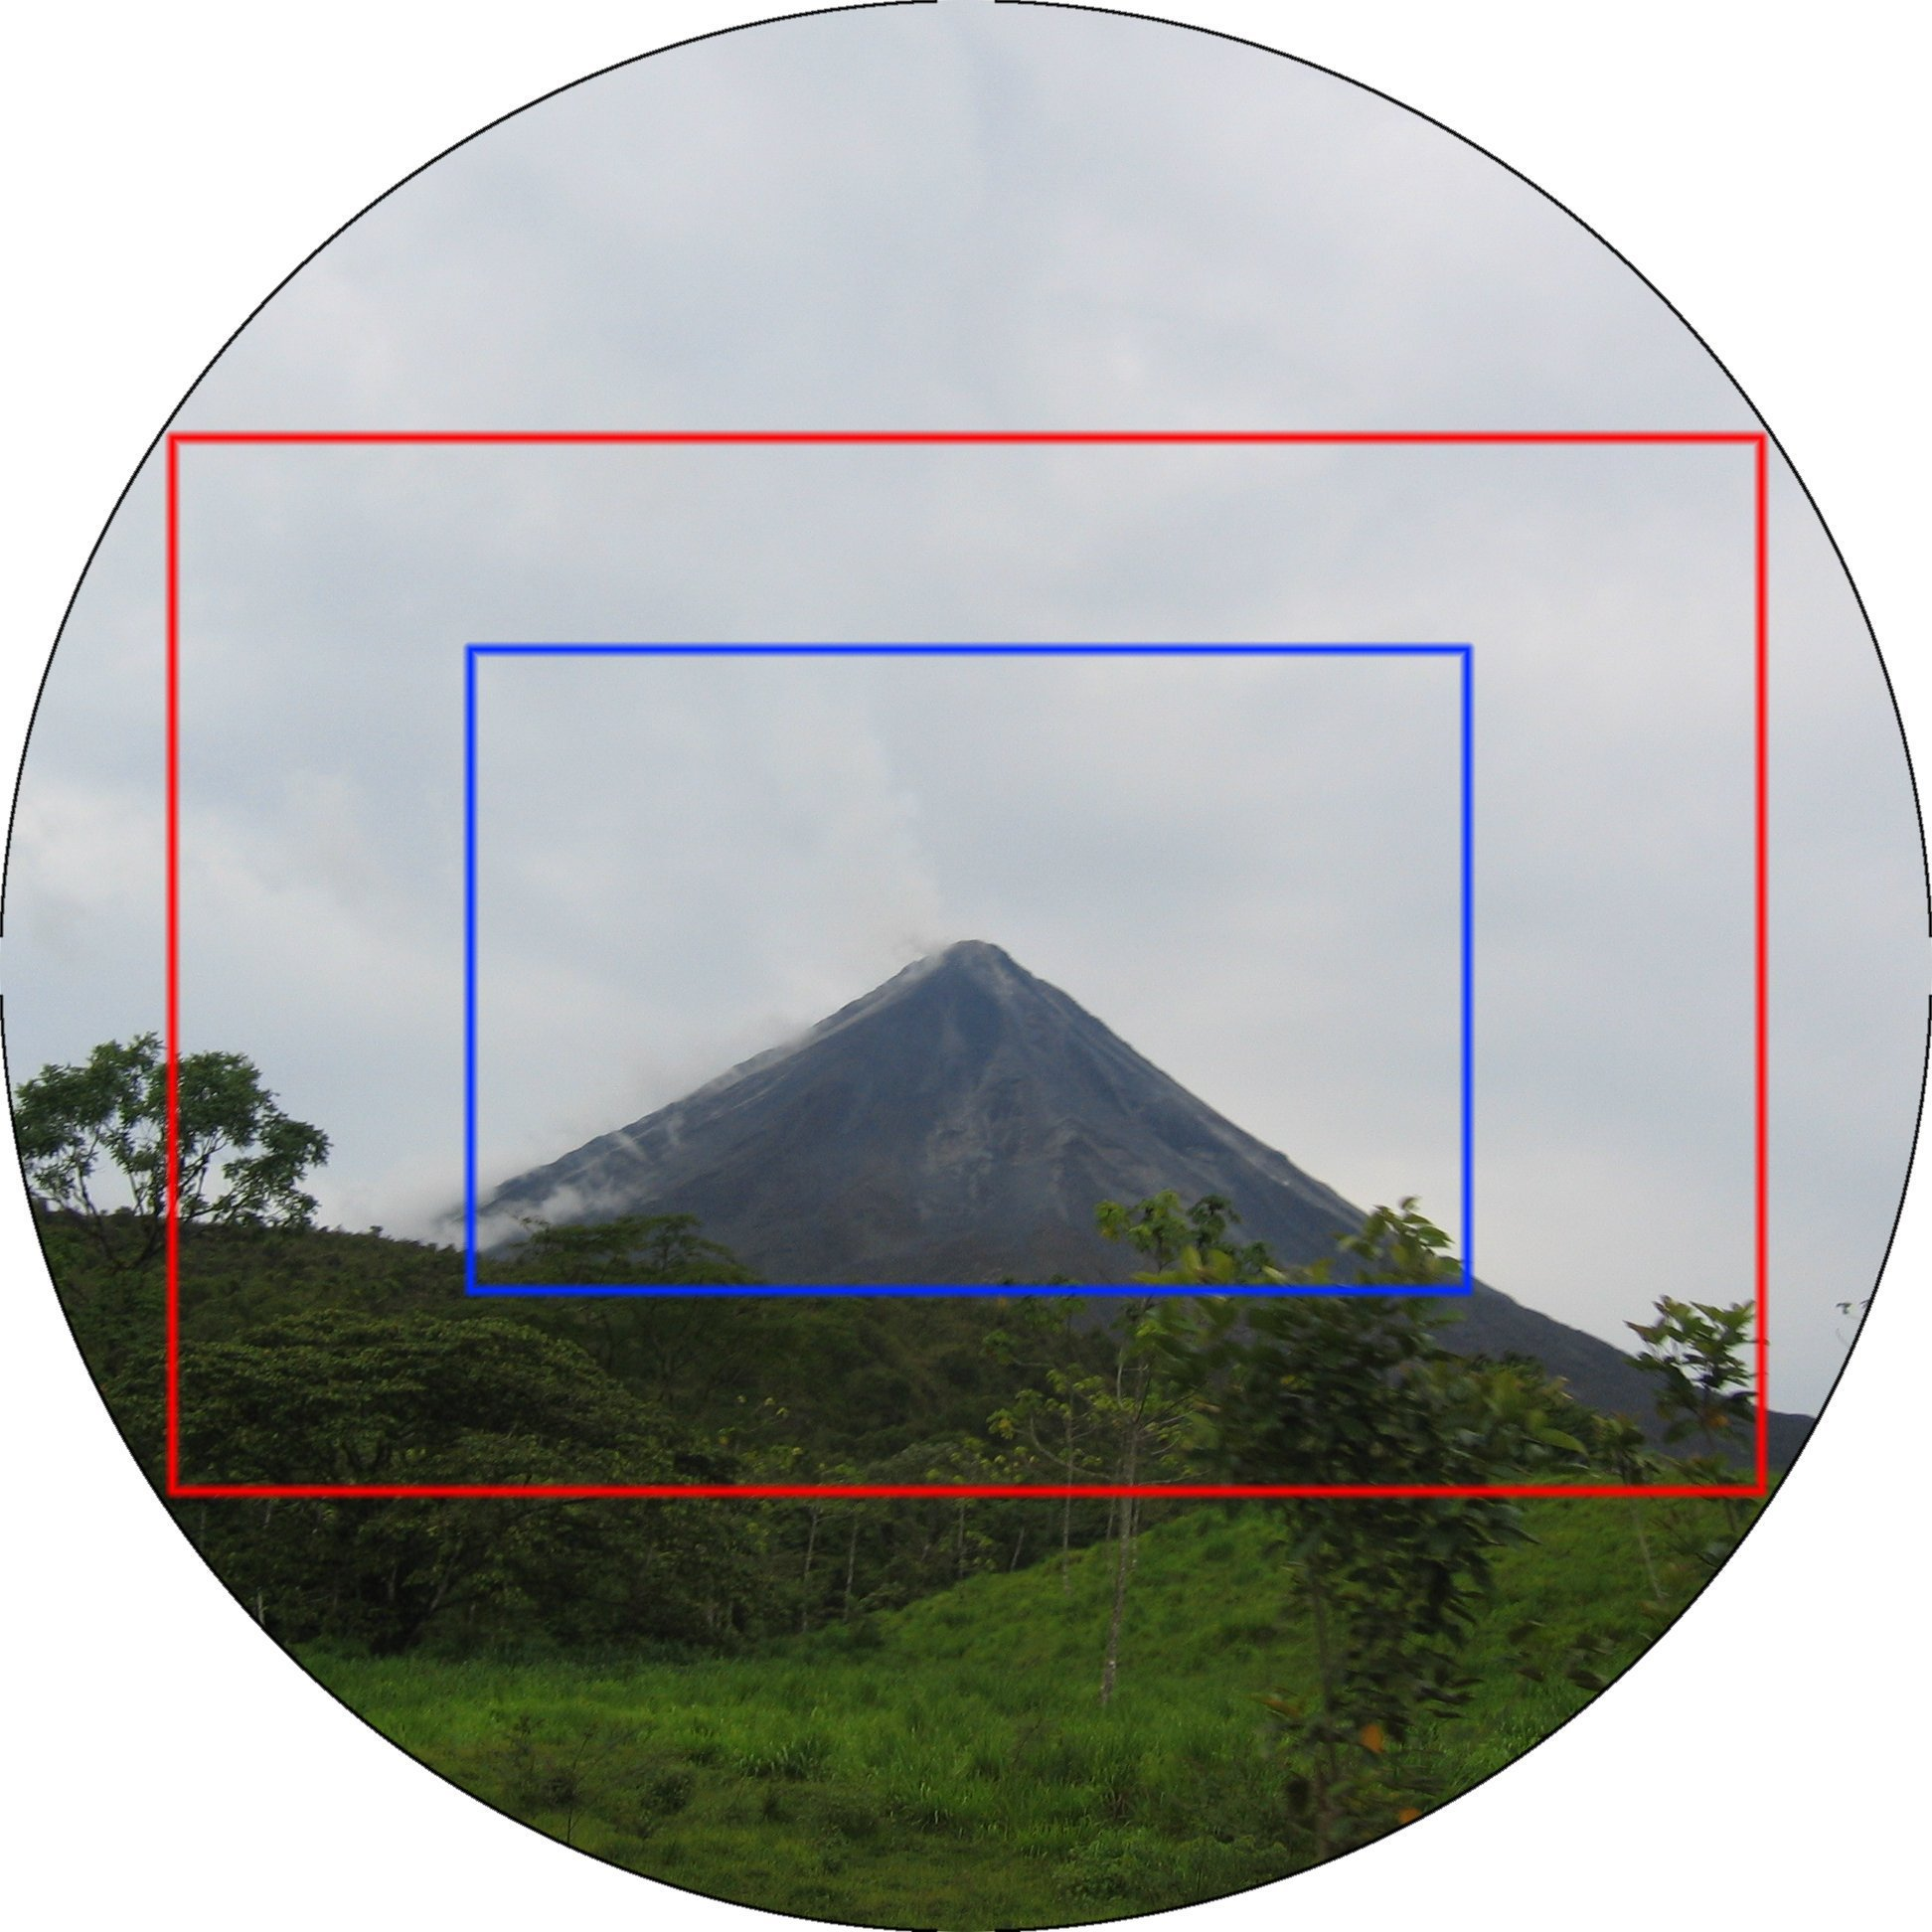 Мужская стрижка кроп [crop]: фото со всех сторон, как стричь, кому идет